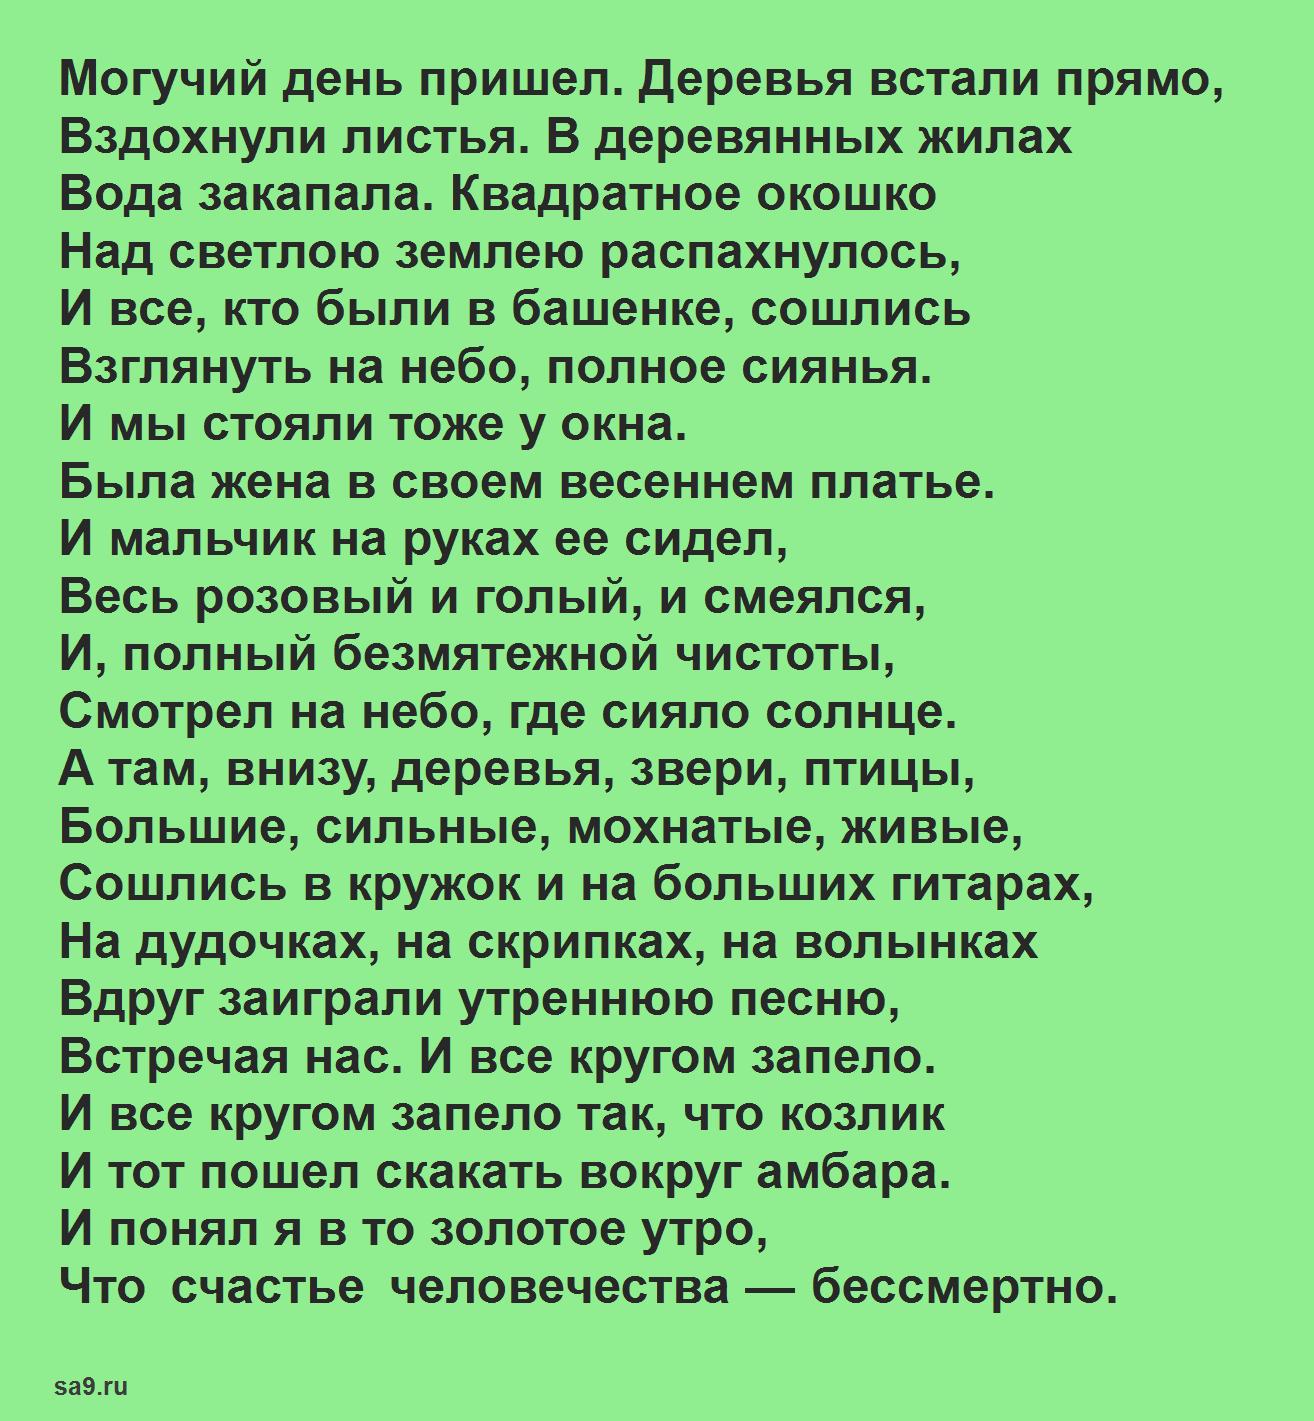 Заболоцкий стихи о природе - Утренняя песня